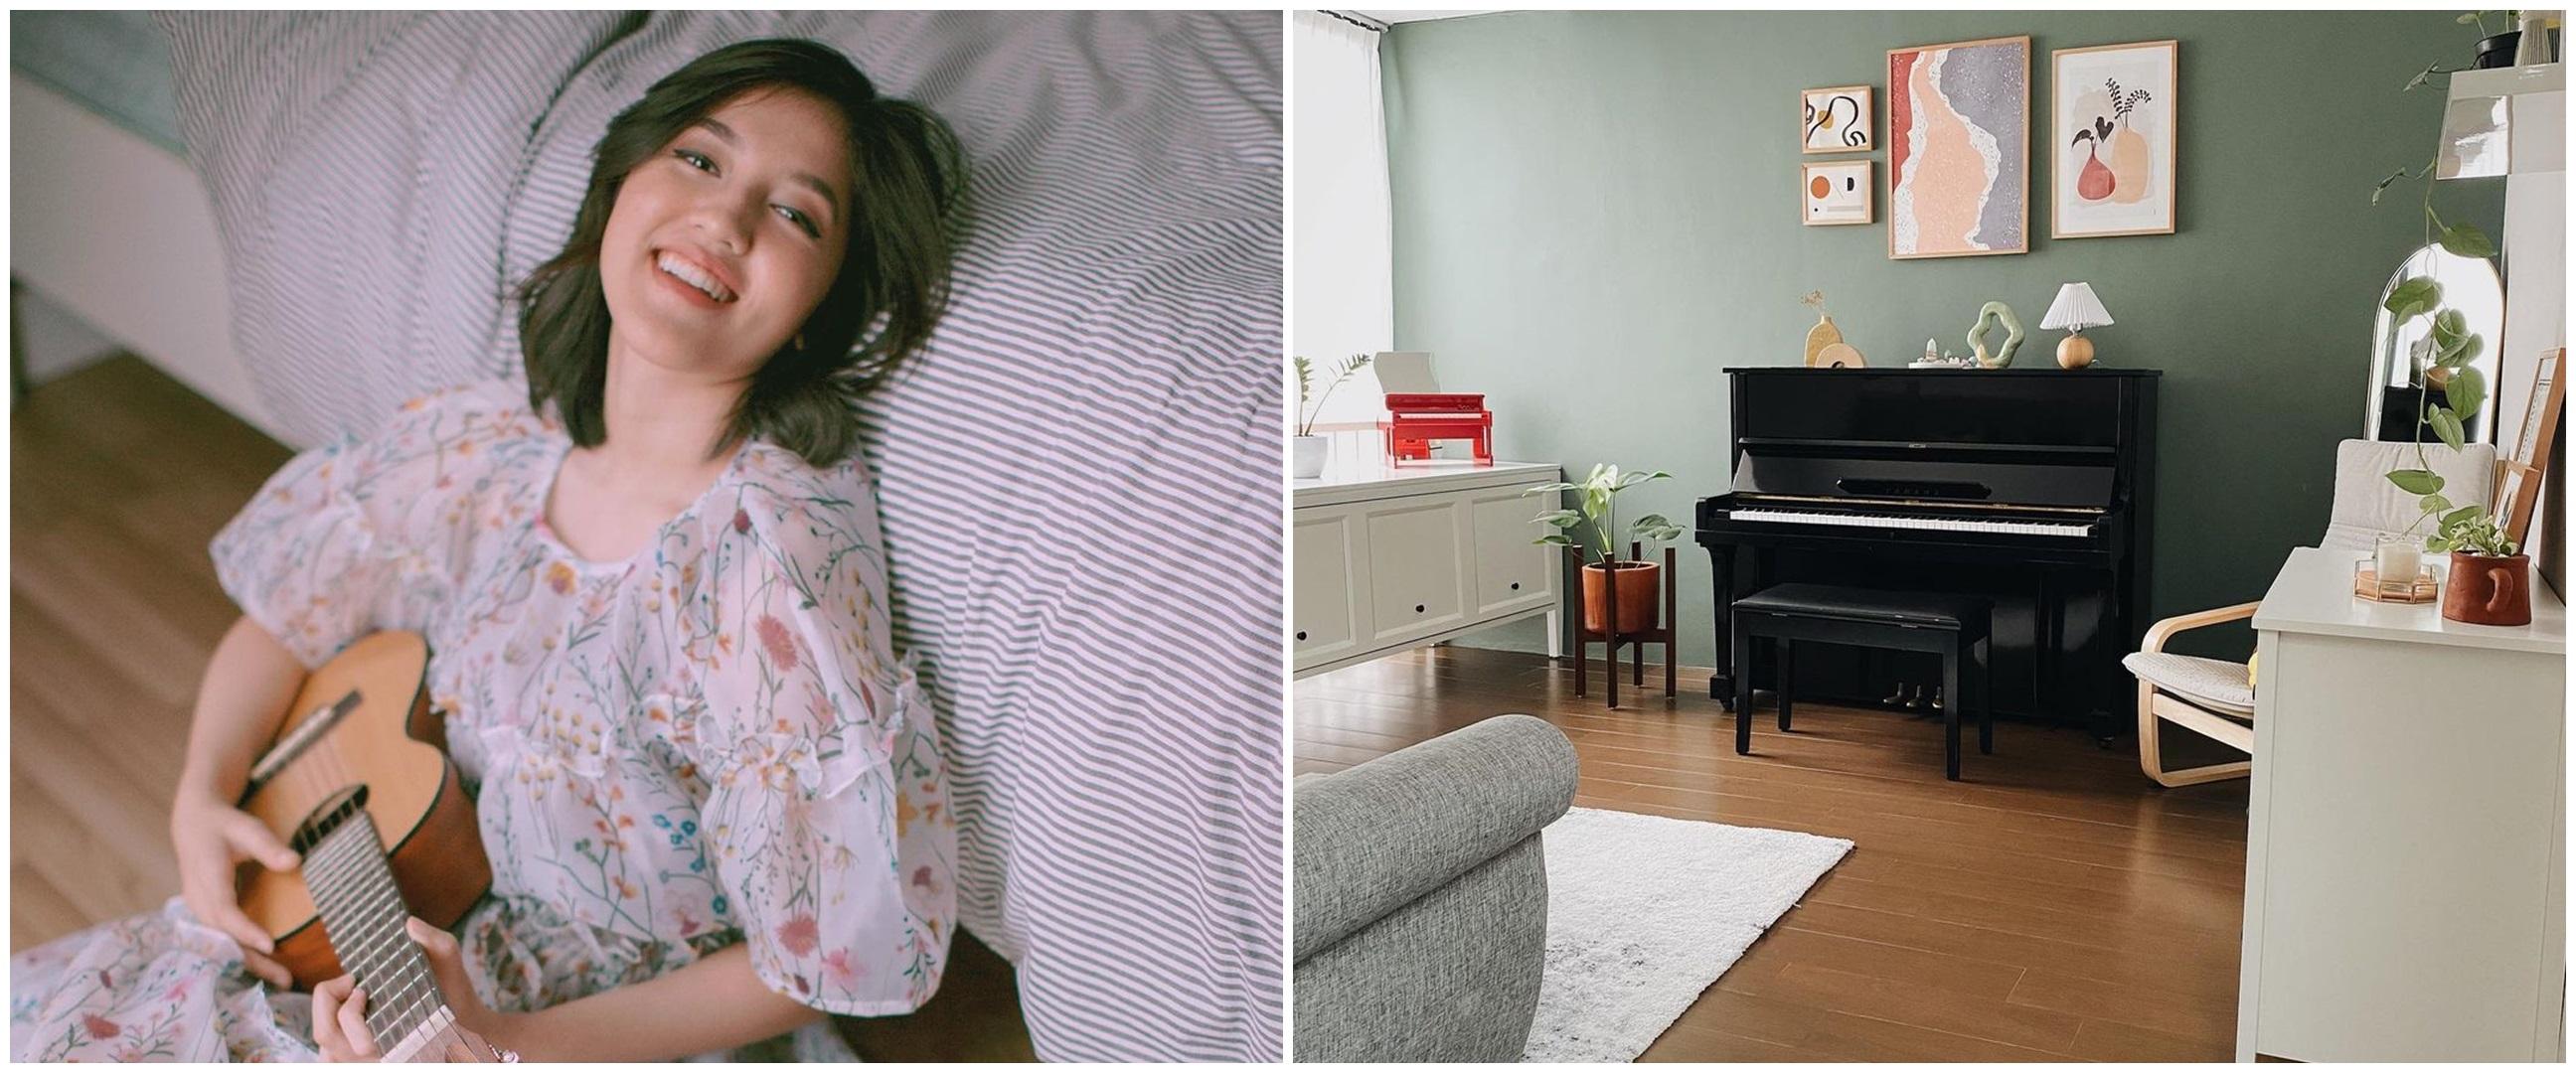 8 Penampakan ruang musik Ify Alyssa usai didekorasi ulang, estetik pol